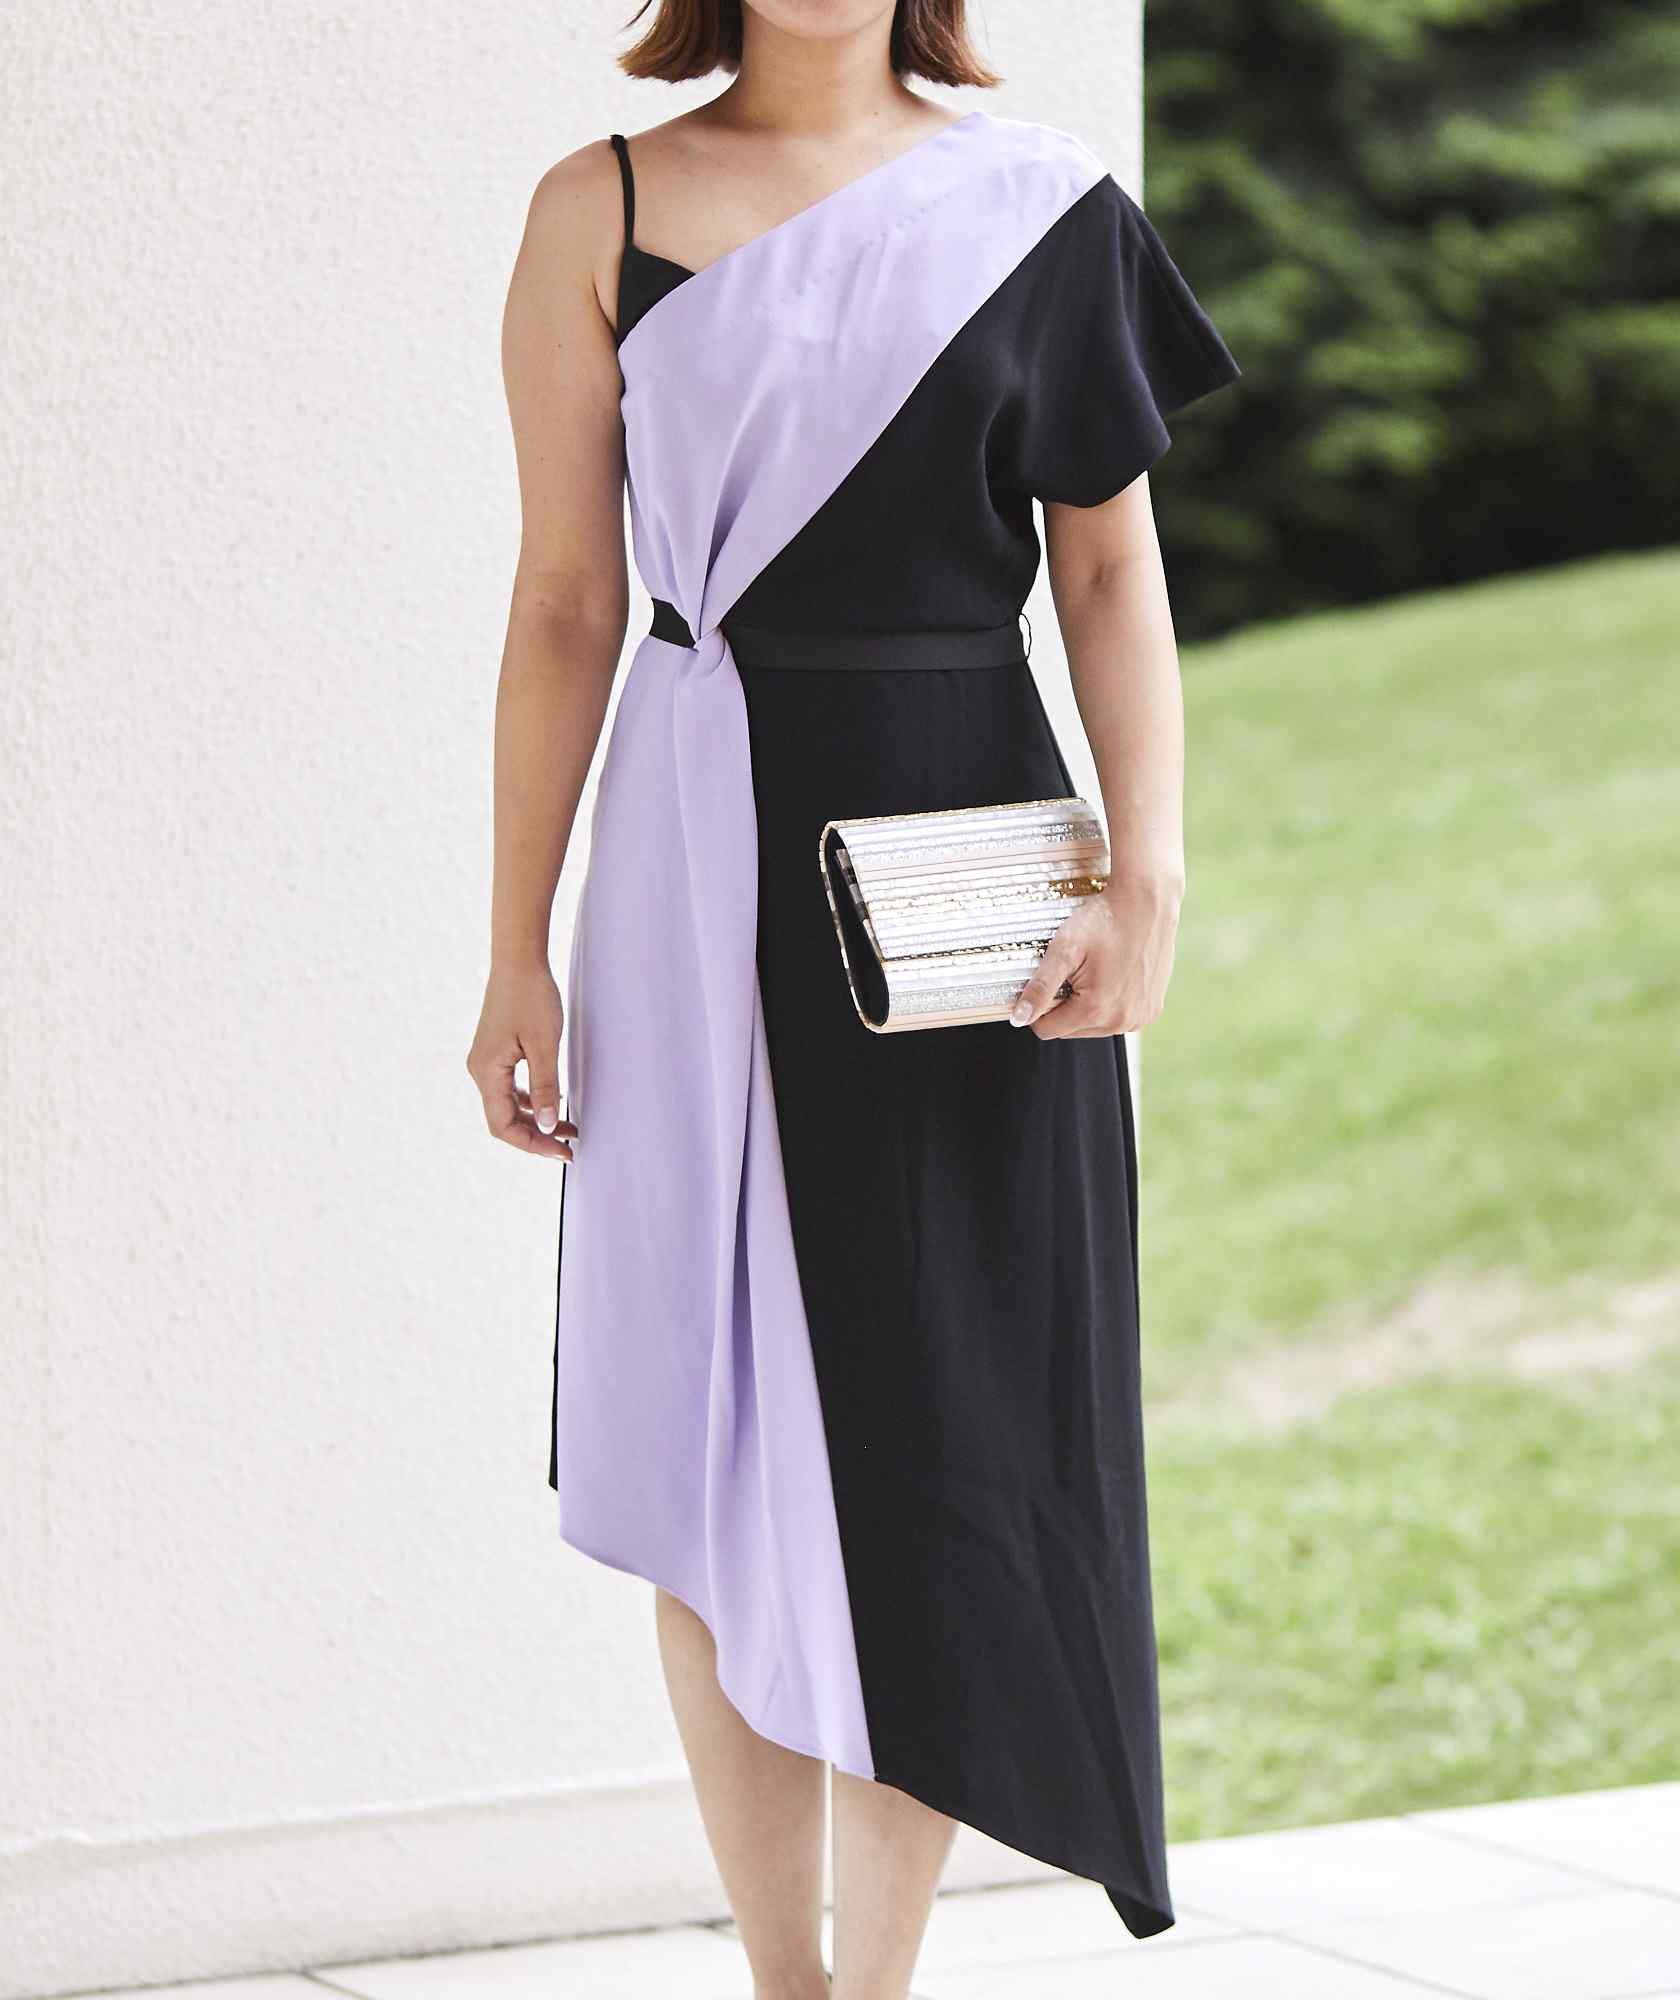 2トーンアシンメトリーミディアムドレス-マルチ-S